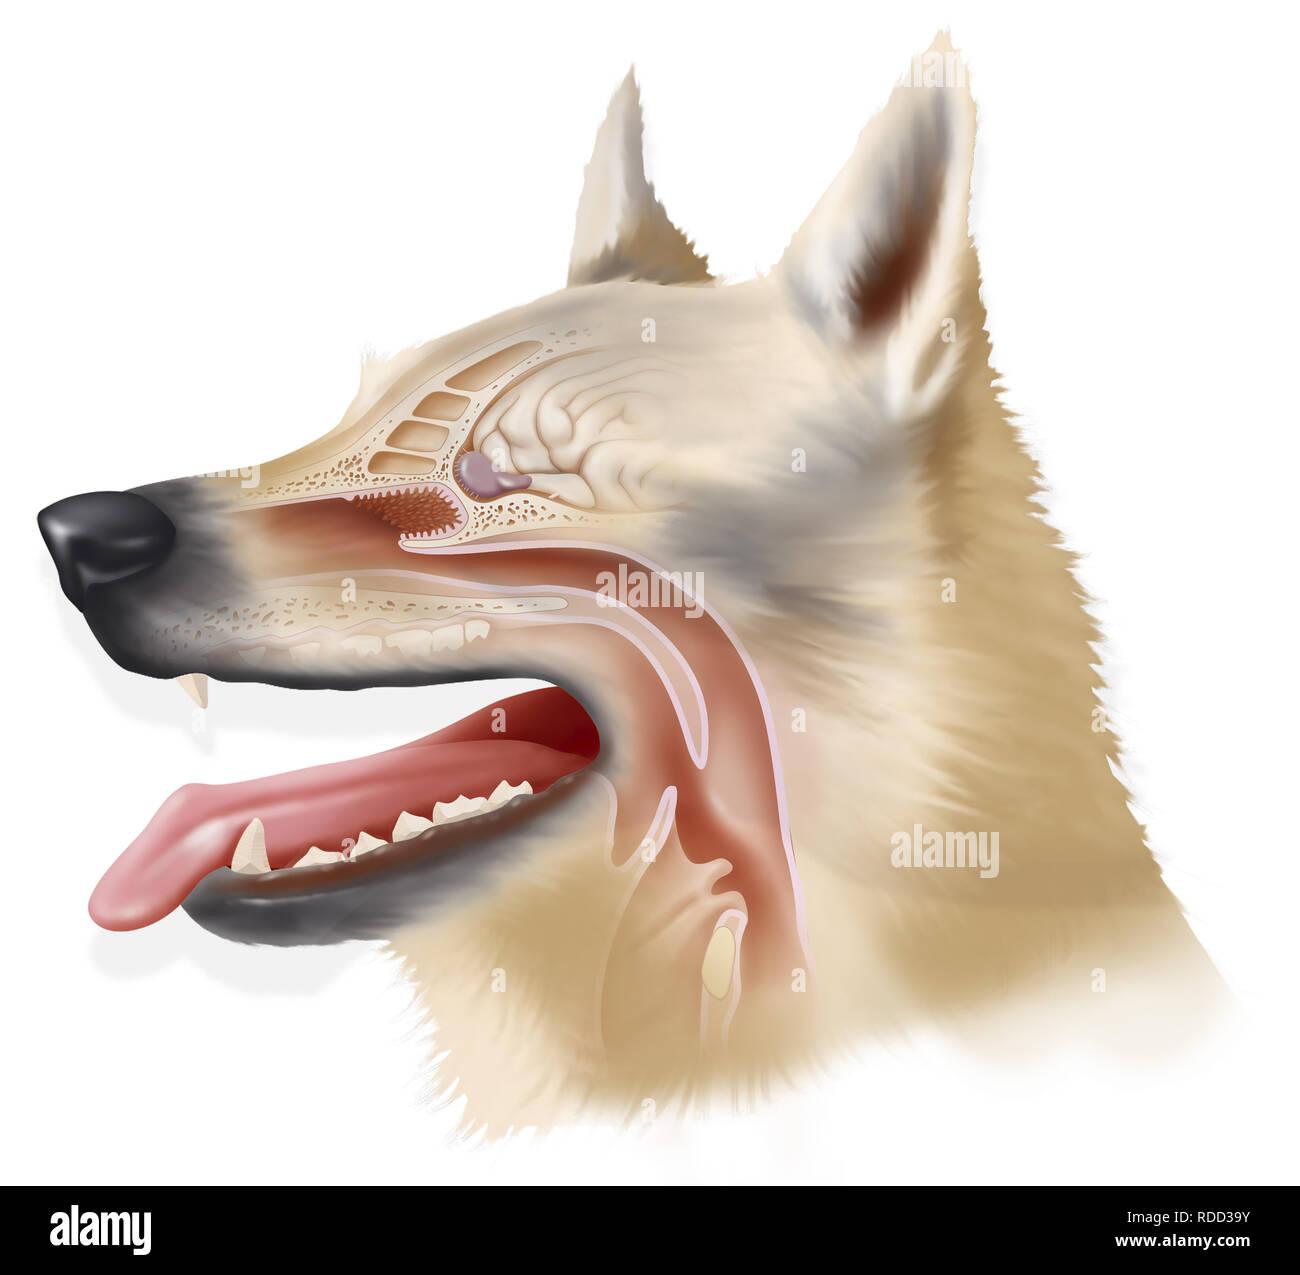 Illustration d'un dog's sens de l'odorat, ses récepteurs et le bulbe olfactif qui lui permet de détecter les particules odorantes en très petites quantités. Un d Banque D'Images